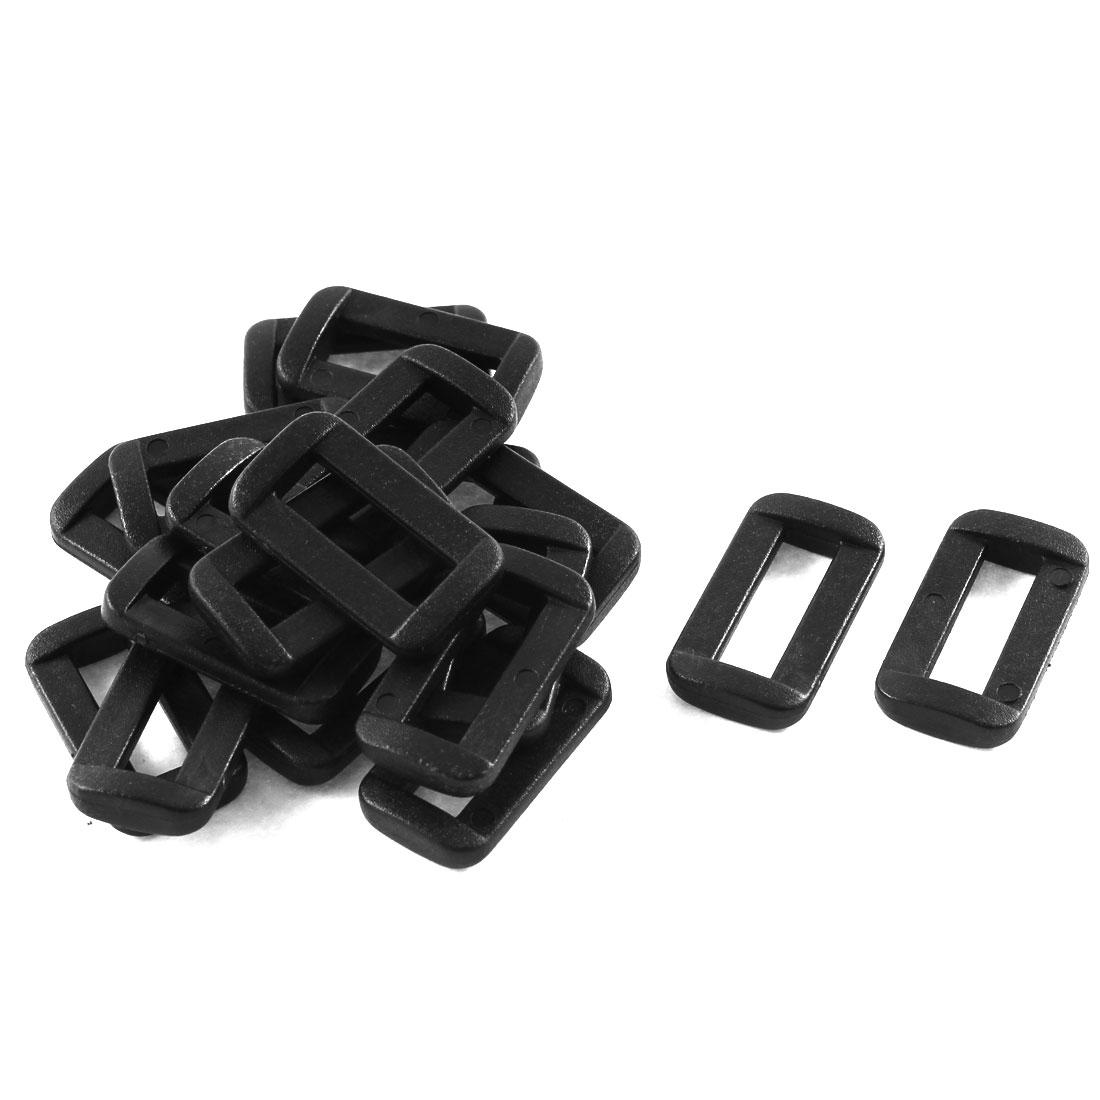 20pcs Black Plastic Bar Slides Buckles for 15mm Webbing Strap